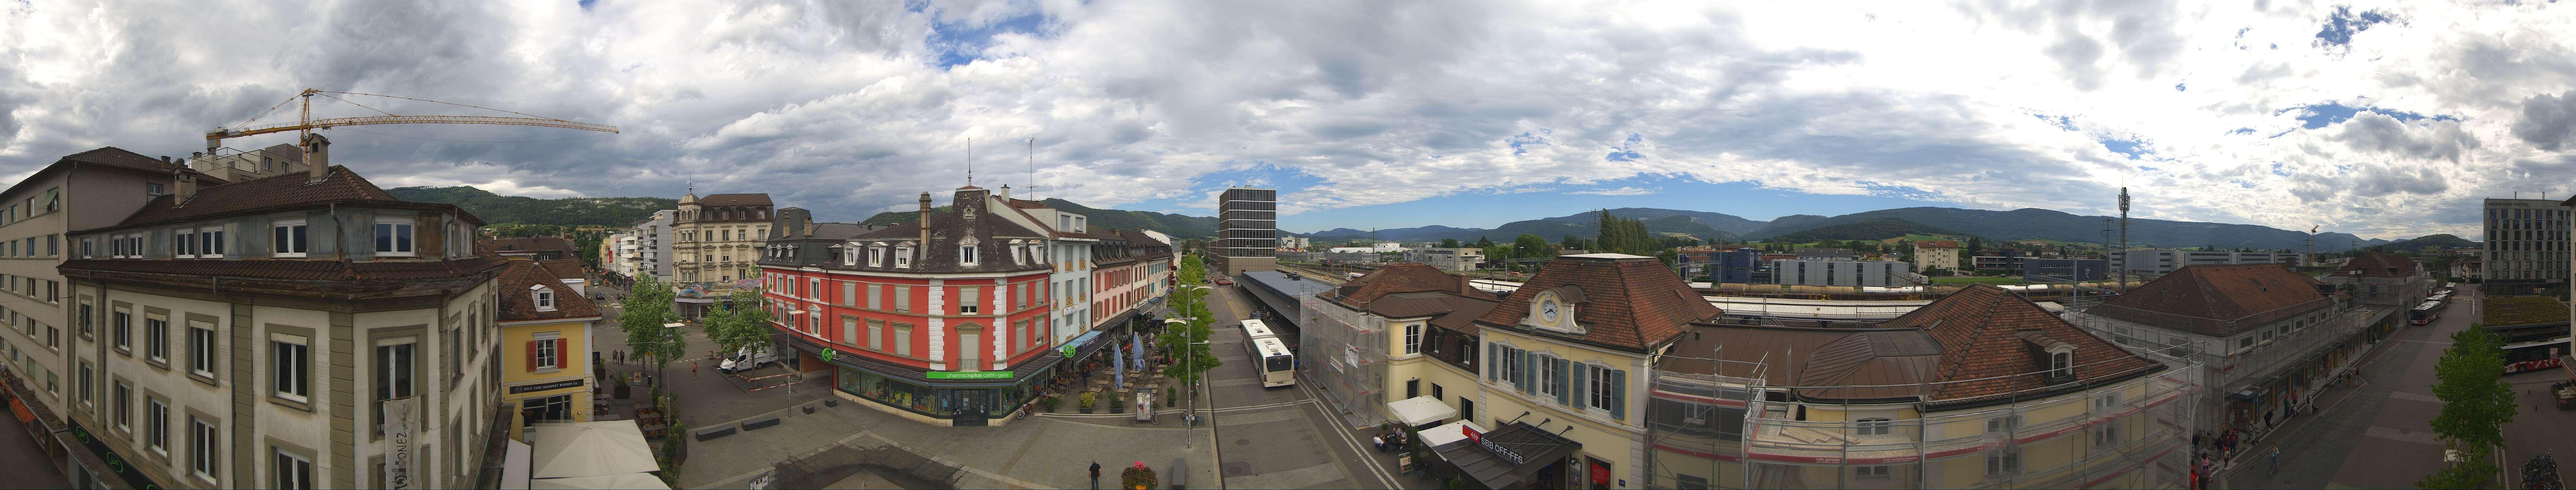 Webcam Delémont